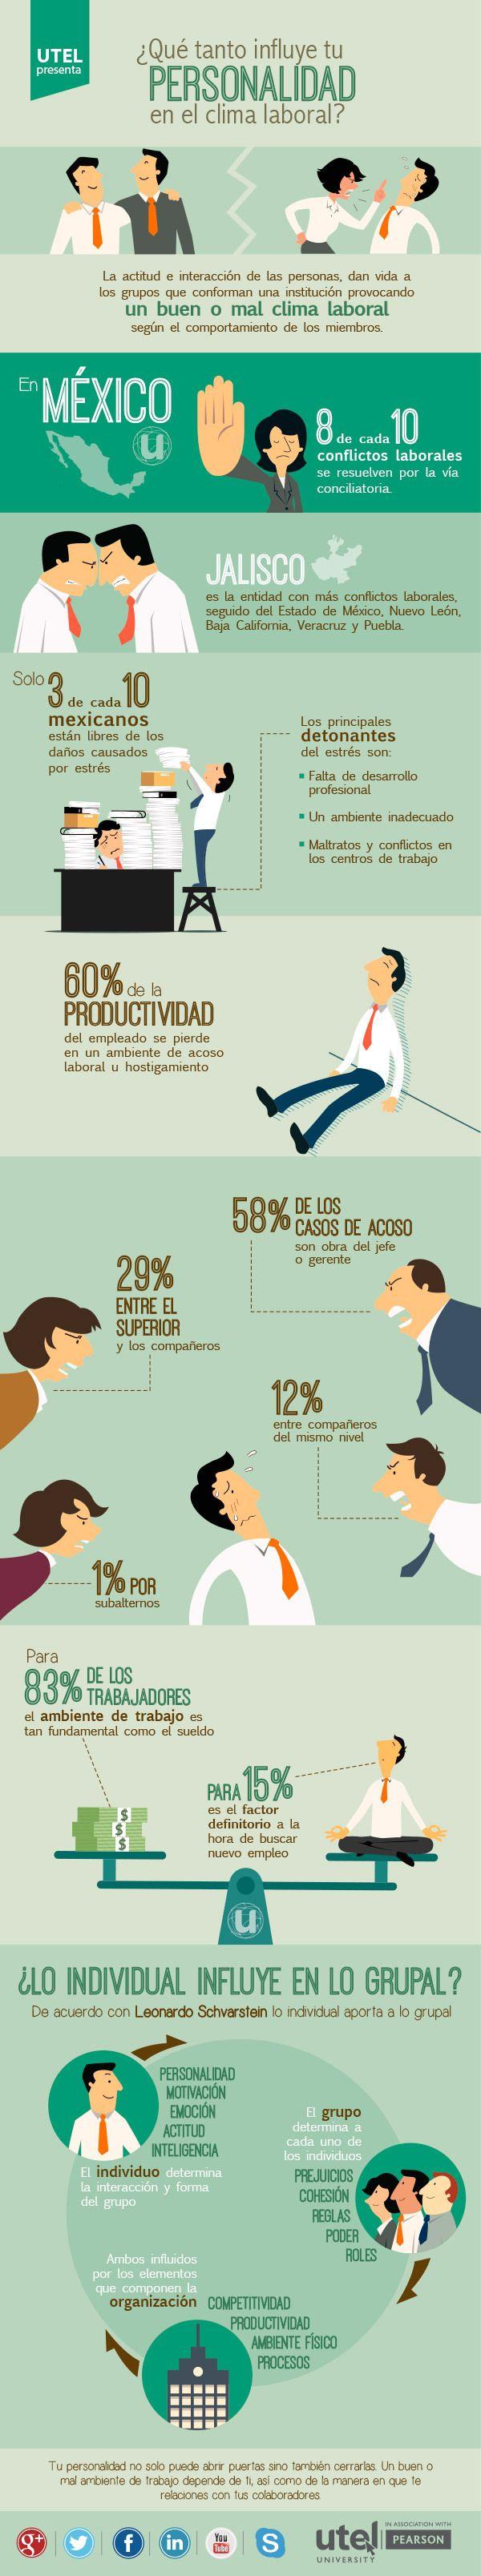 Cómo influye tu personalidad en el clima laboral #infografia